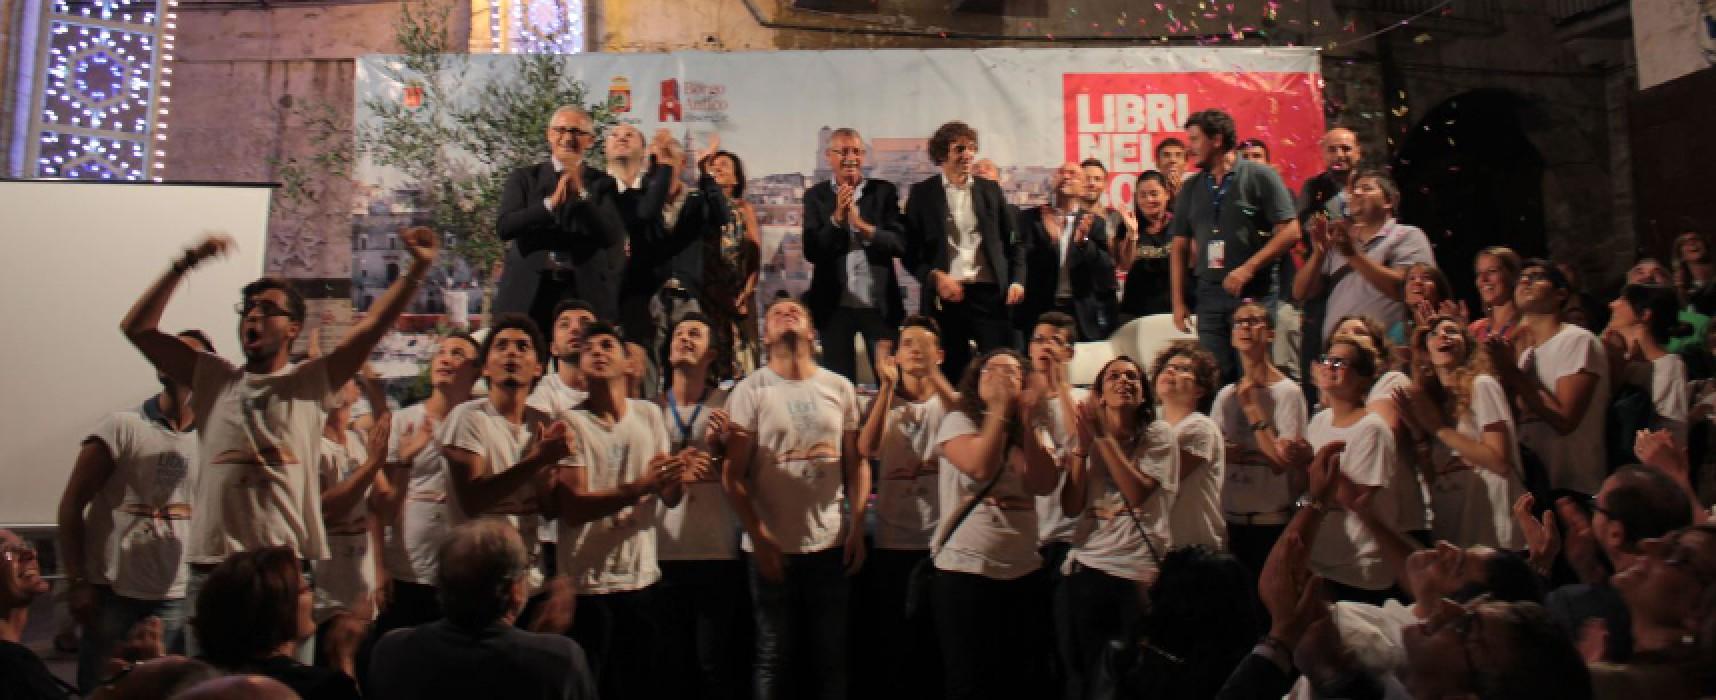 Libri nel Borgo Antico, l'organizzazione cerca volontari per l'evento 2015 / DETTAGLI